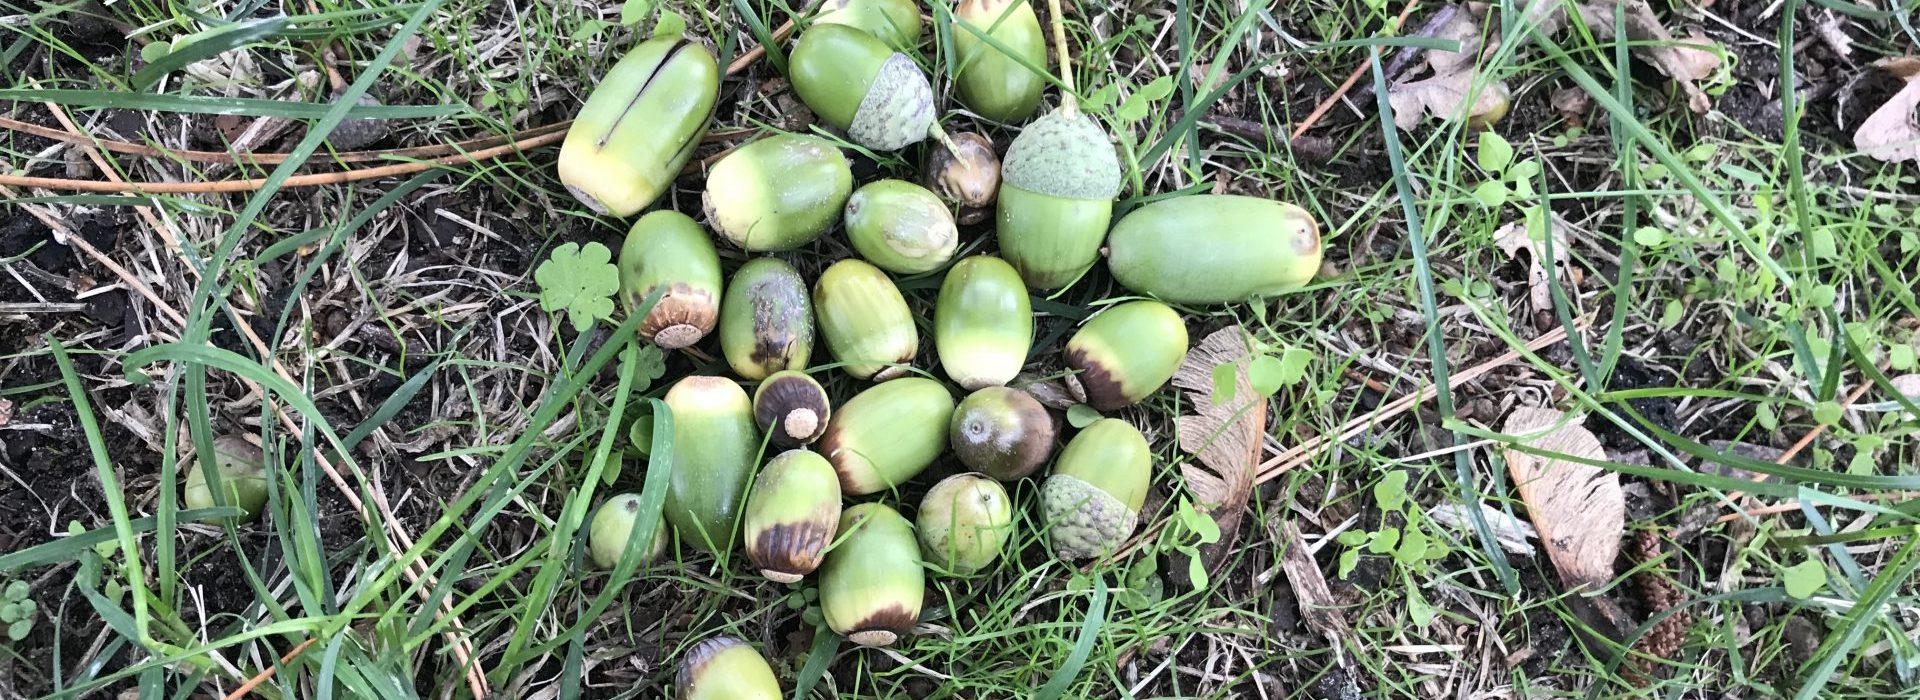 Groene eikels en groen eikenblad giftig voor dieren